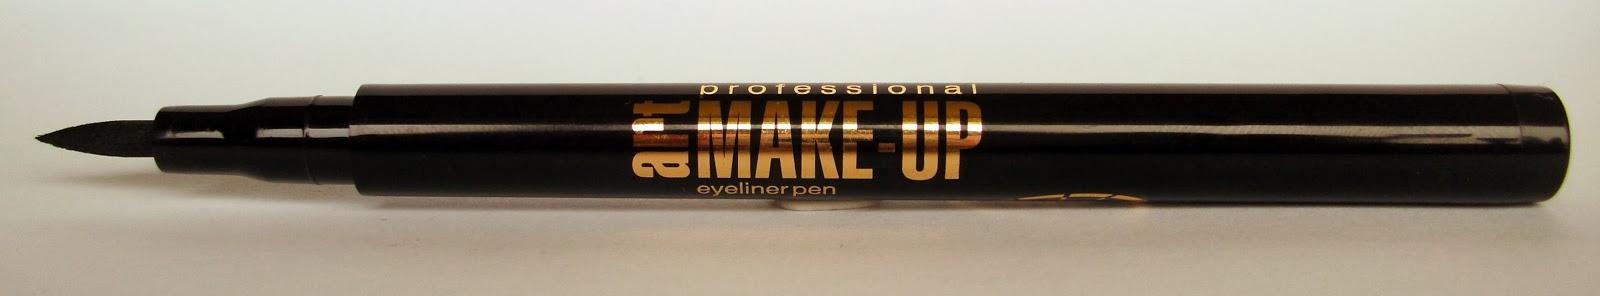 Eveline - Eveline Eyeliner Marker